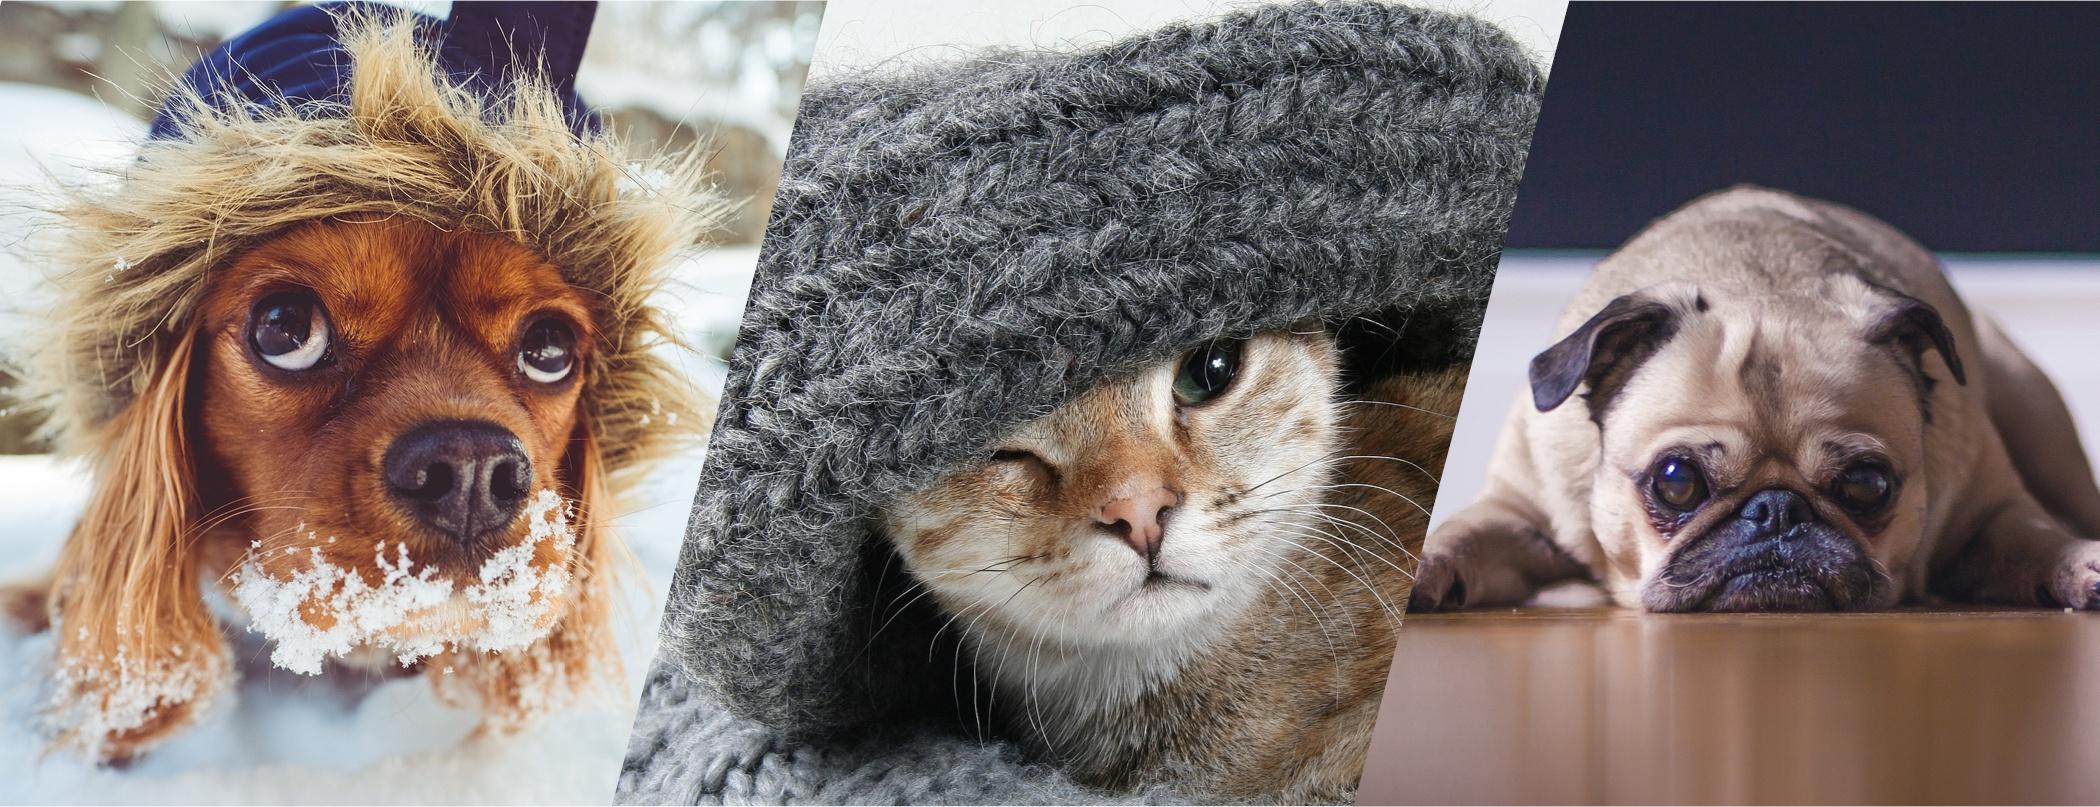 QRILL Pet Blog Post Trends-1.jpg